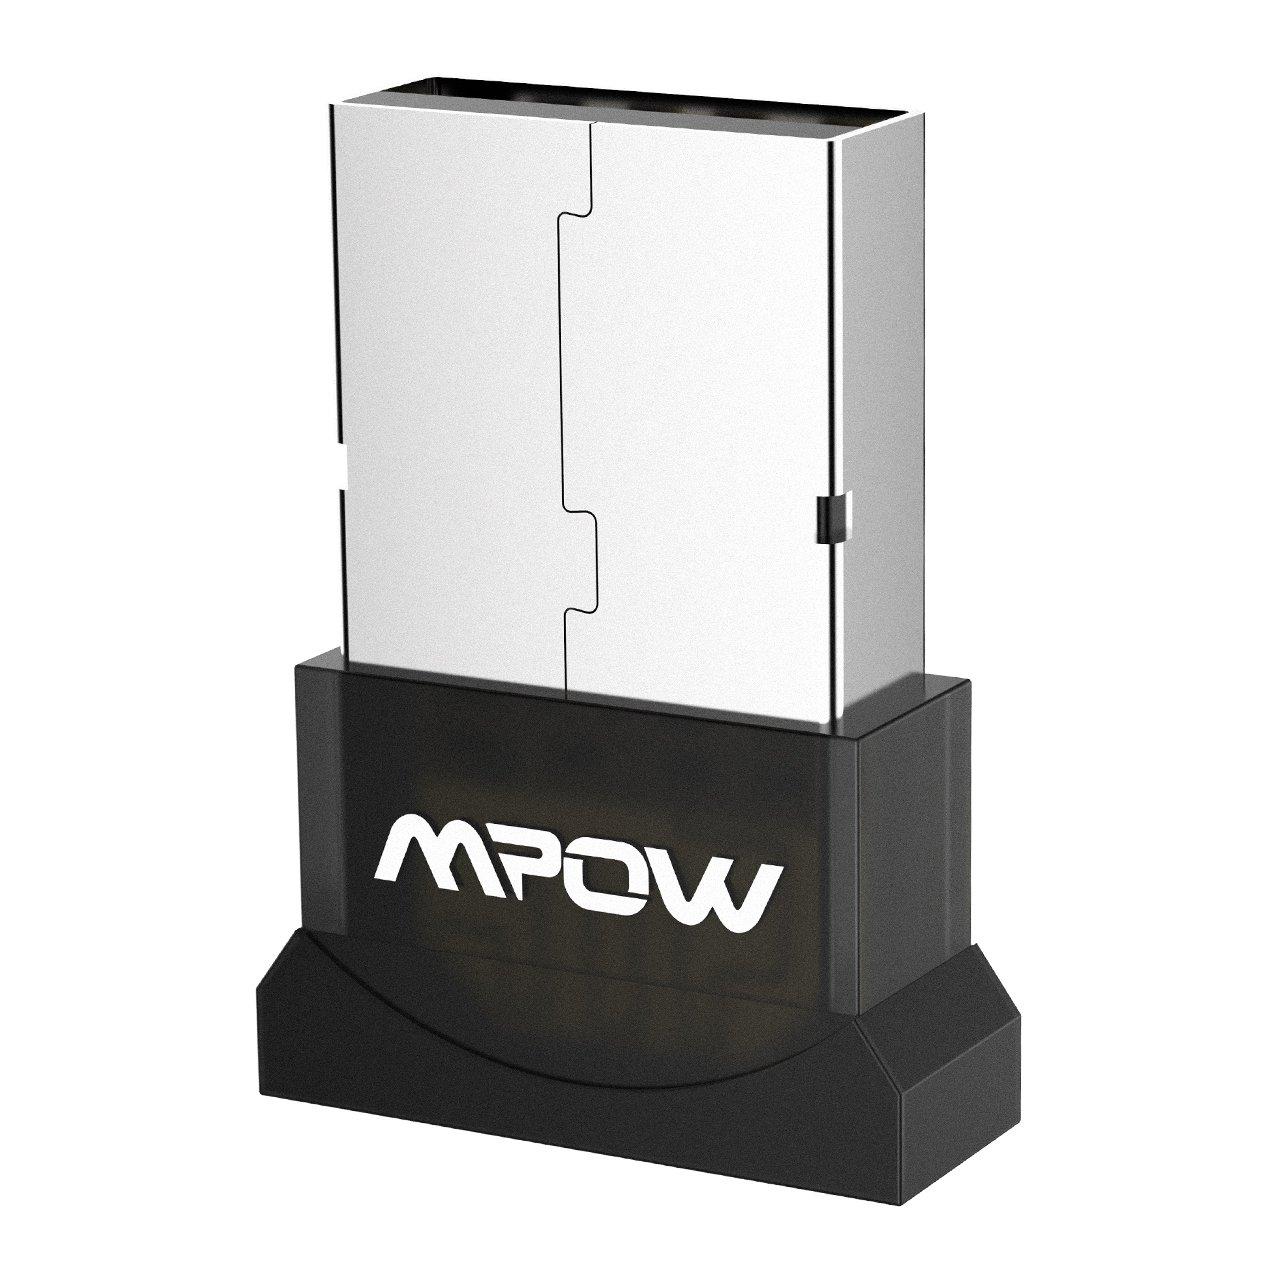 Mpow USB Bluetooth